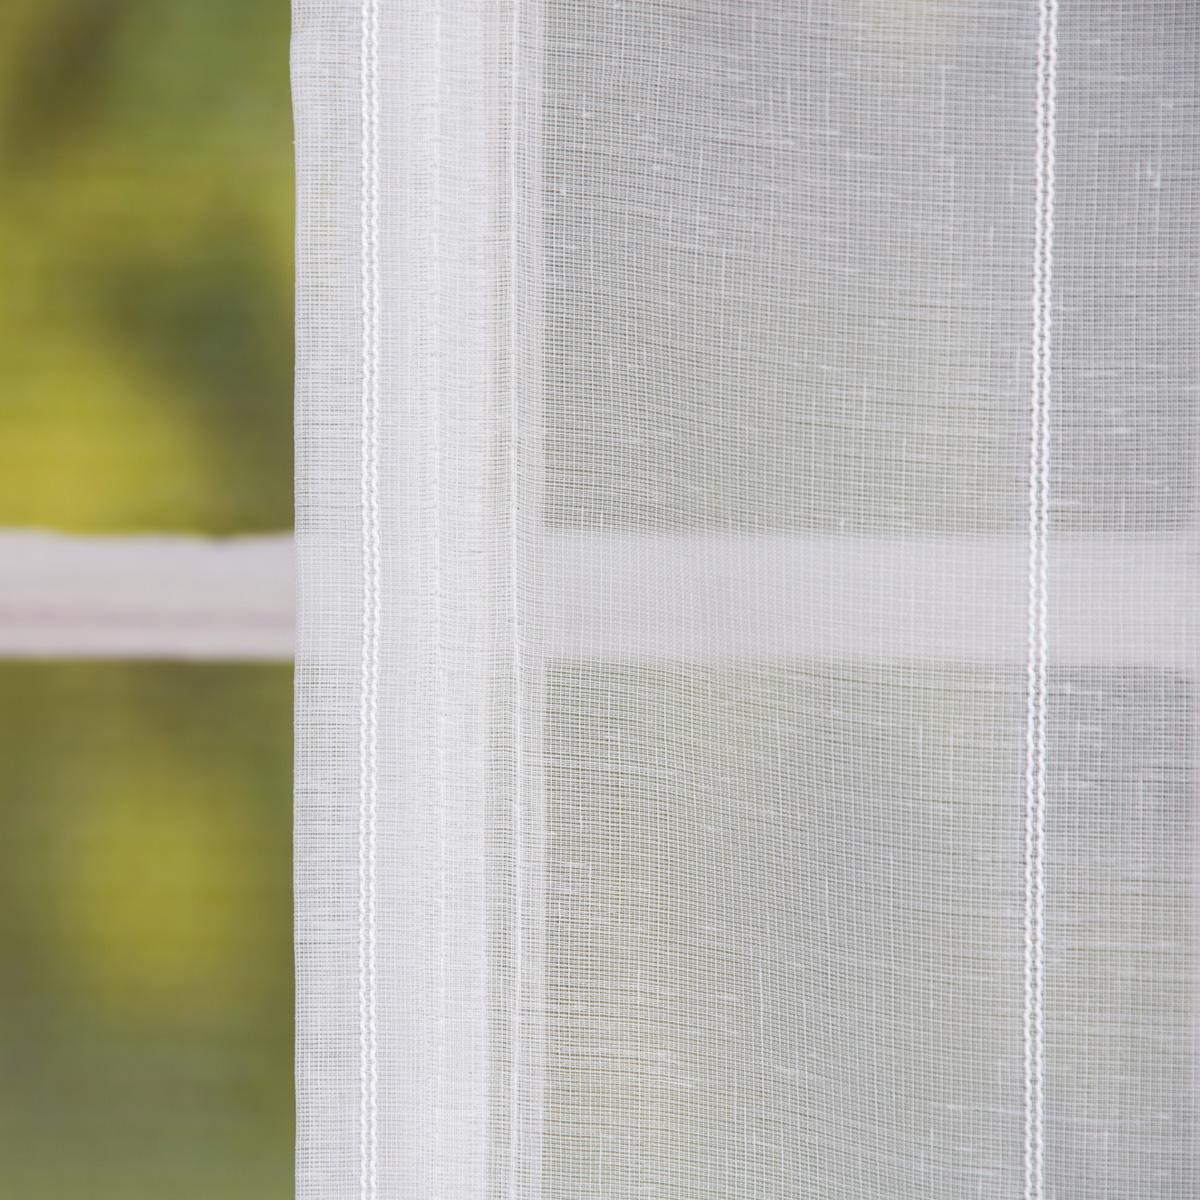 raffrollo rollo schlaufen wei transparent mit streifen 140x140cm gardinen fertiggardinen raff. Black Bedroom Furniture Sets. Home Design Ideas